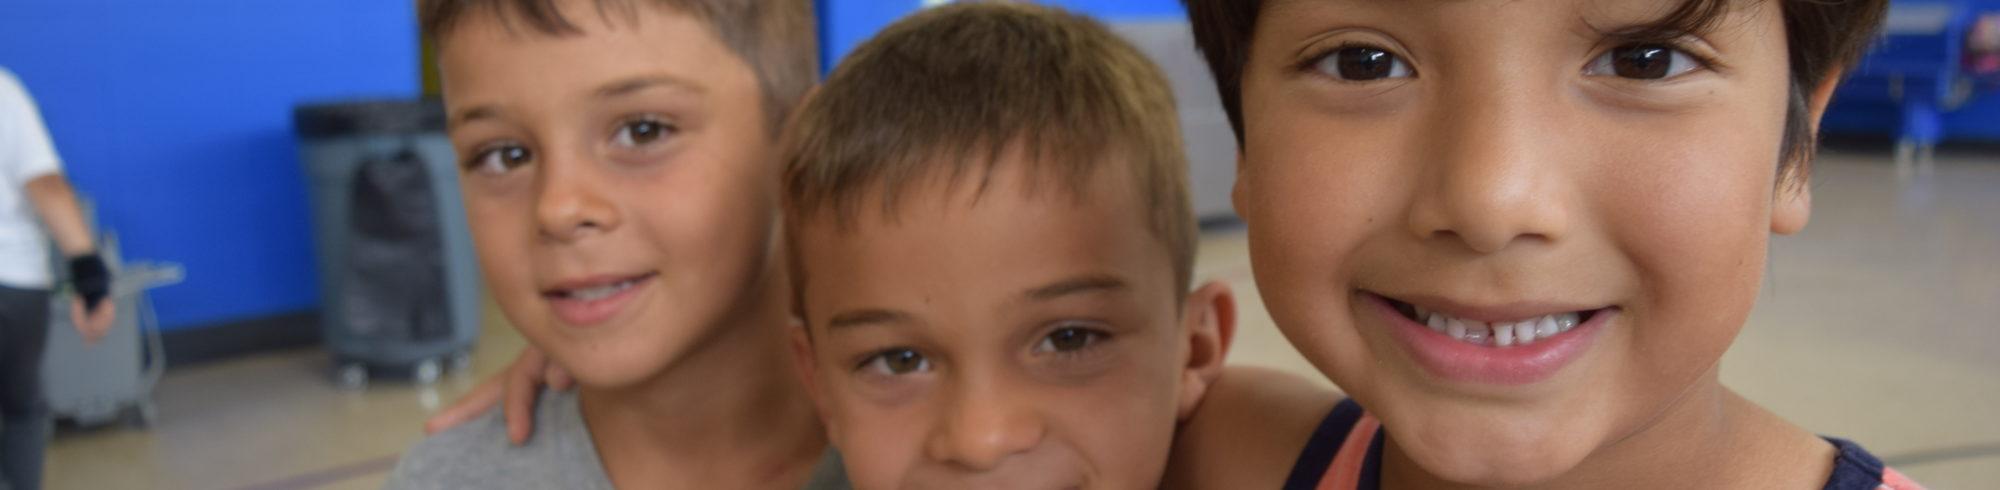 photos of preschoolers in class